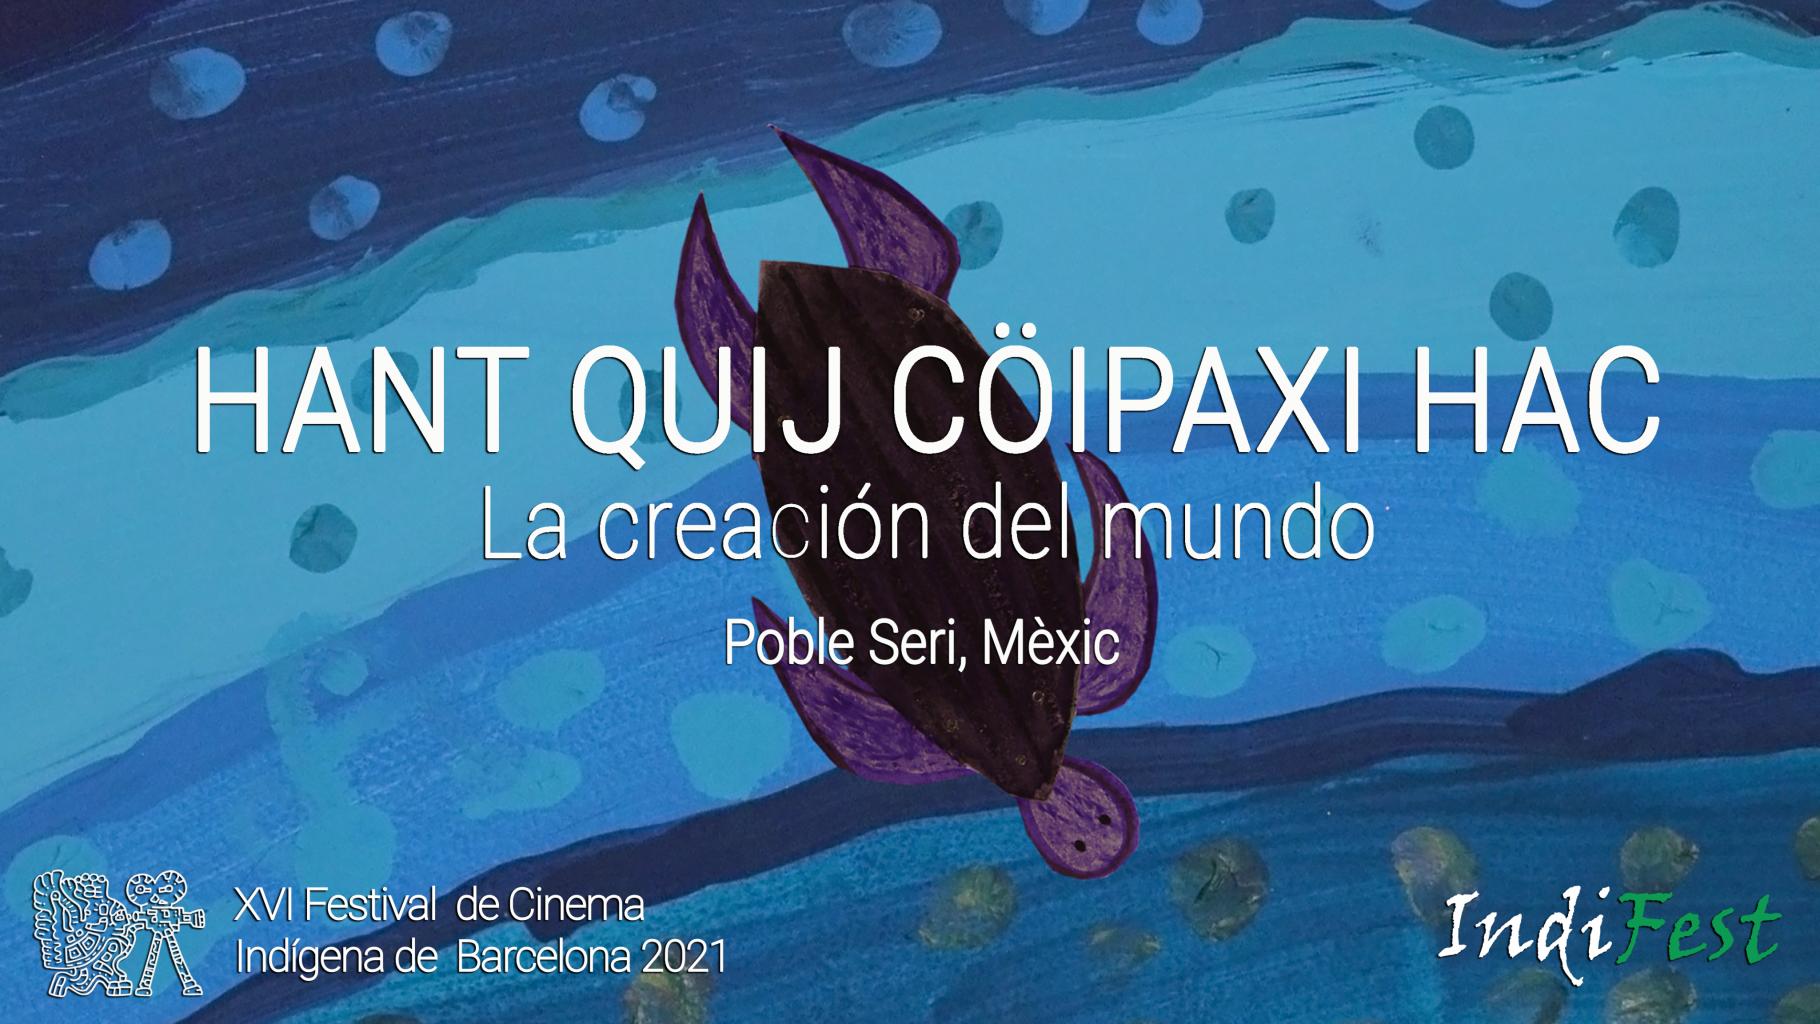 Hant Quij Cöipaxi Hac (La creación del mundo) cat